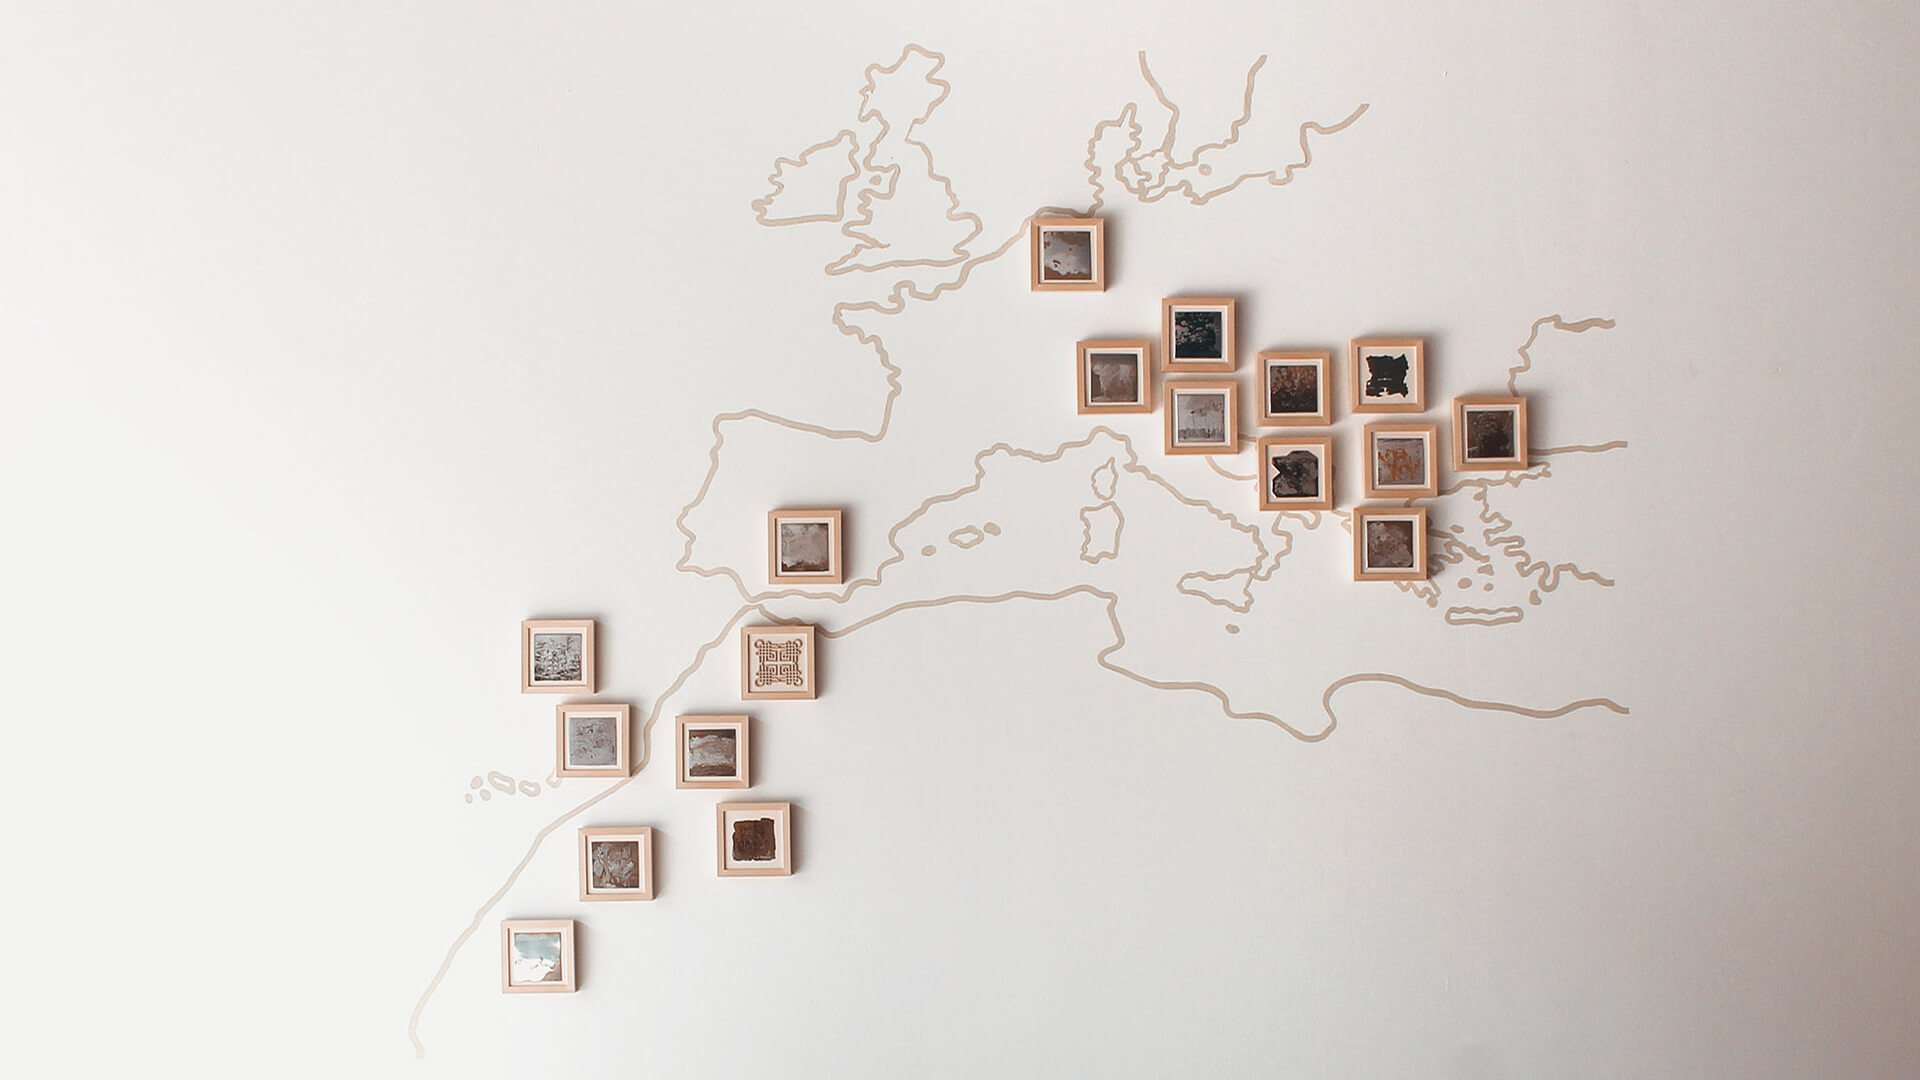 Gjajic Arhiva sjecanja matrica na karti